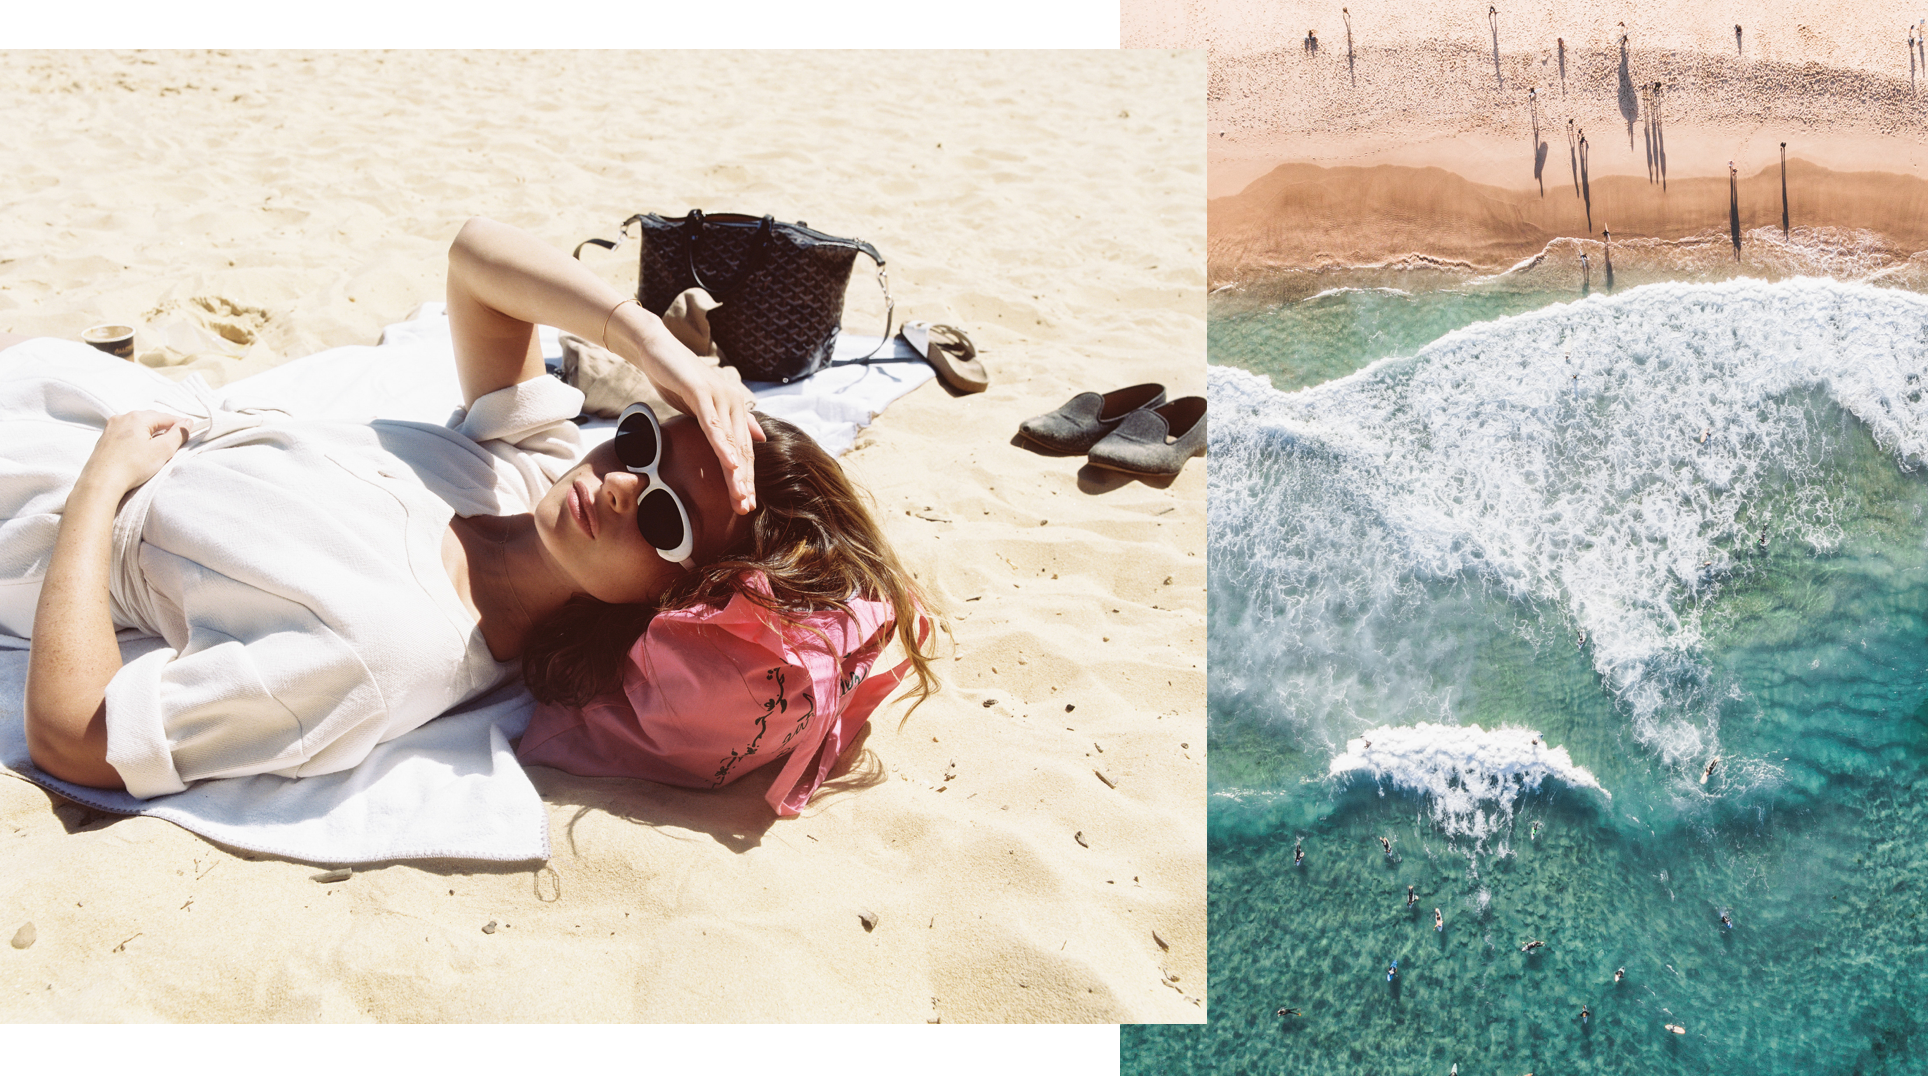 Photos (L-R): Aly Michalka (at Tamarama Beach) // Silas Baisch